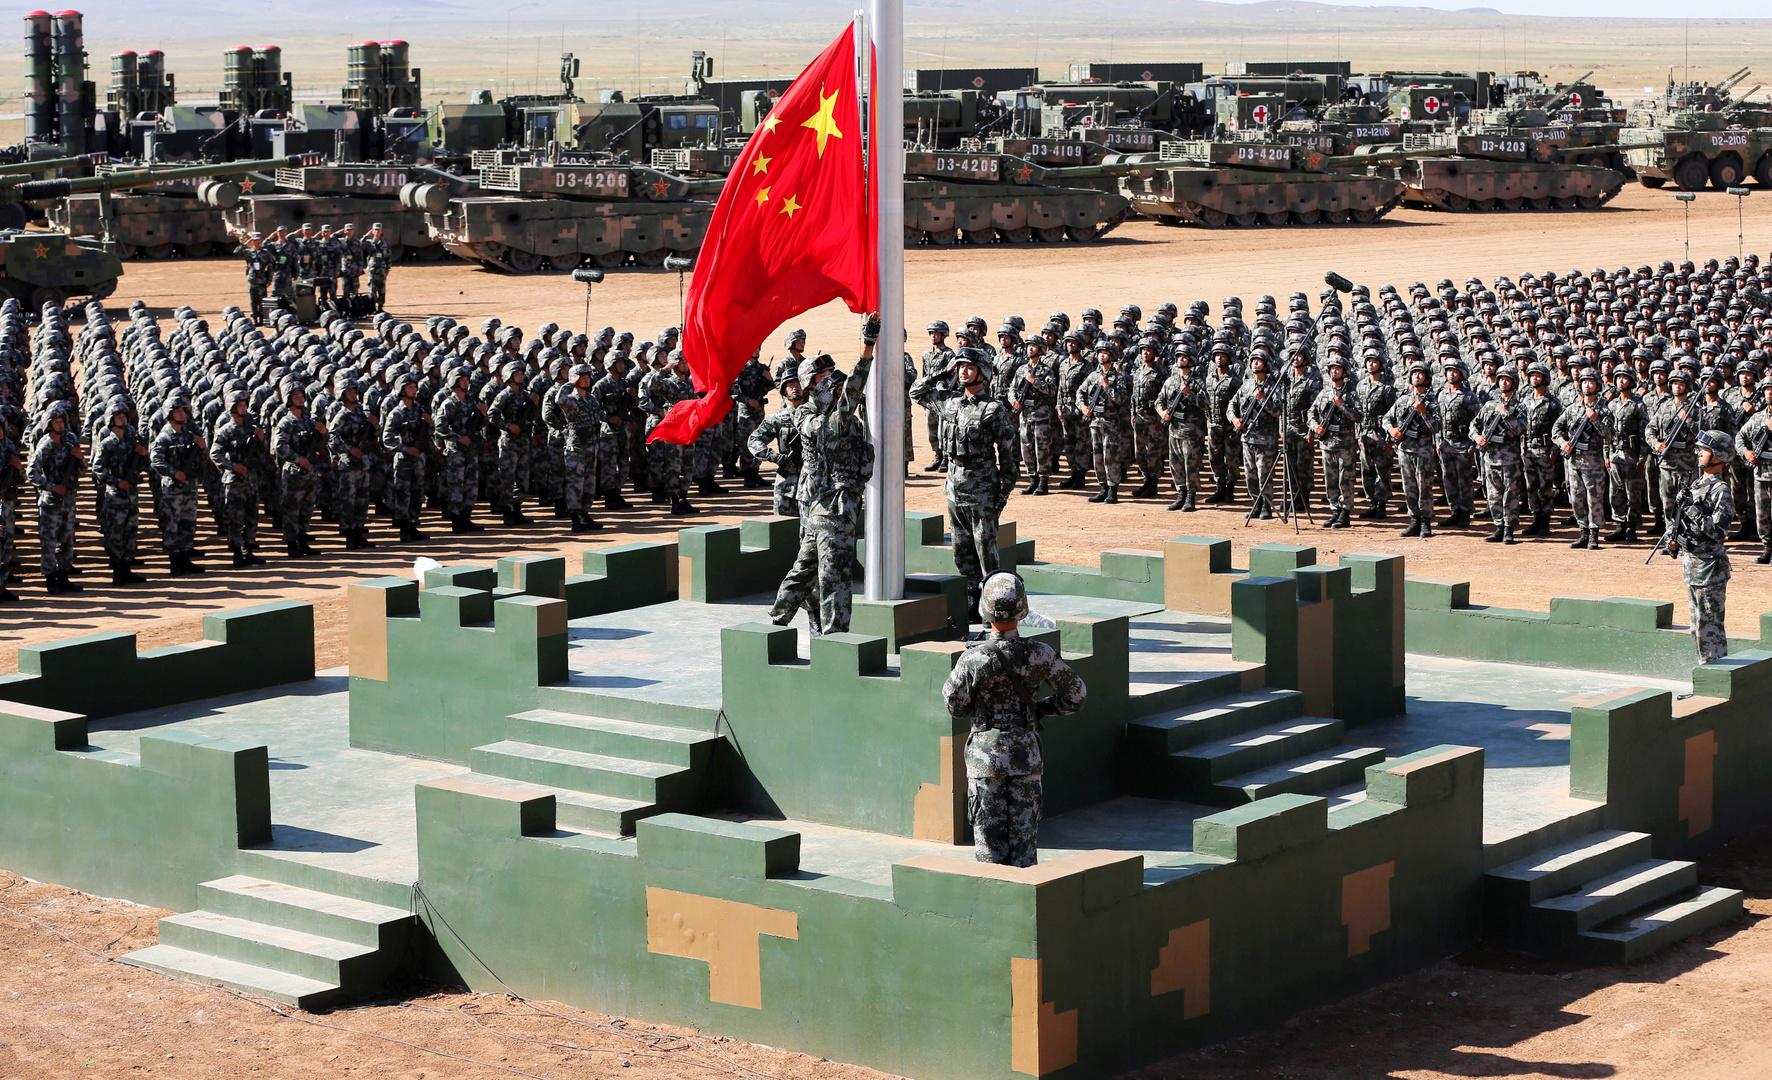 قوات من الجيش الصيني خلال عرض عسكري (30 يوليو 2017).